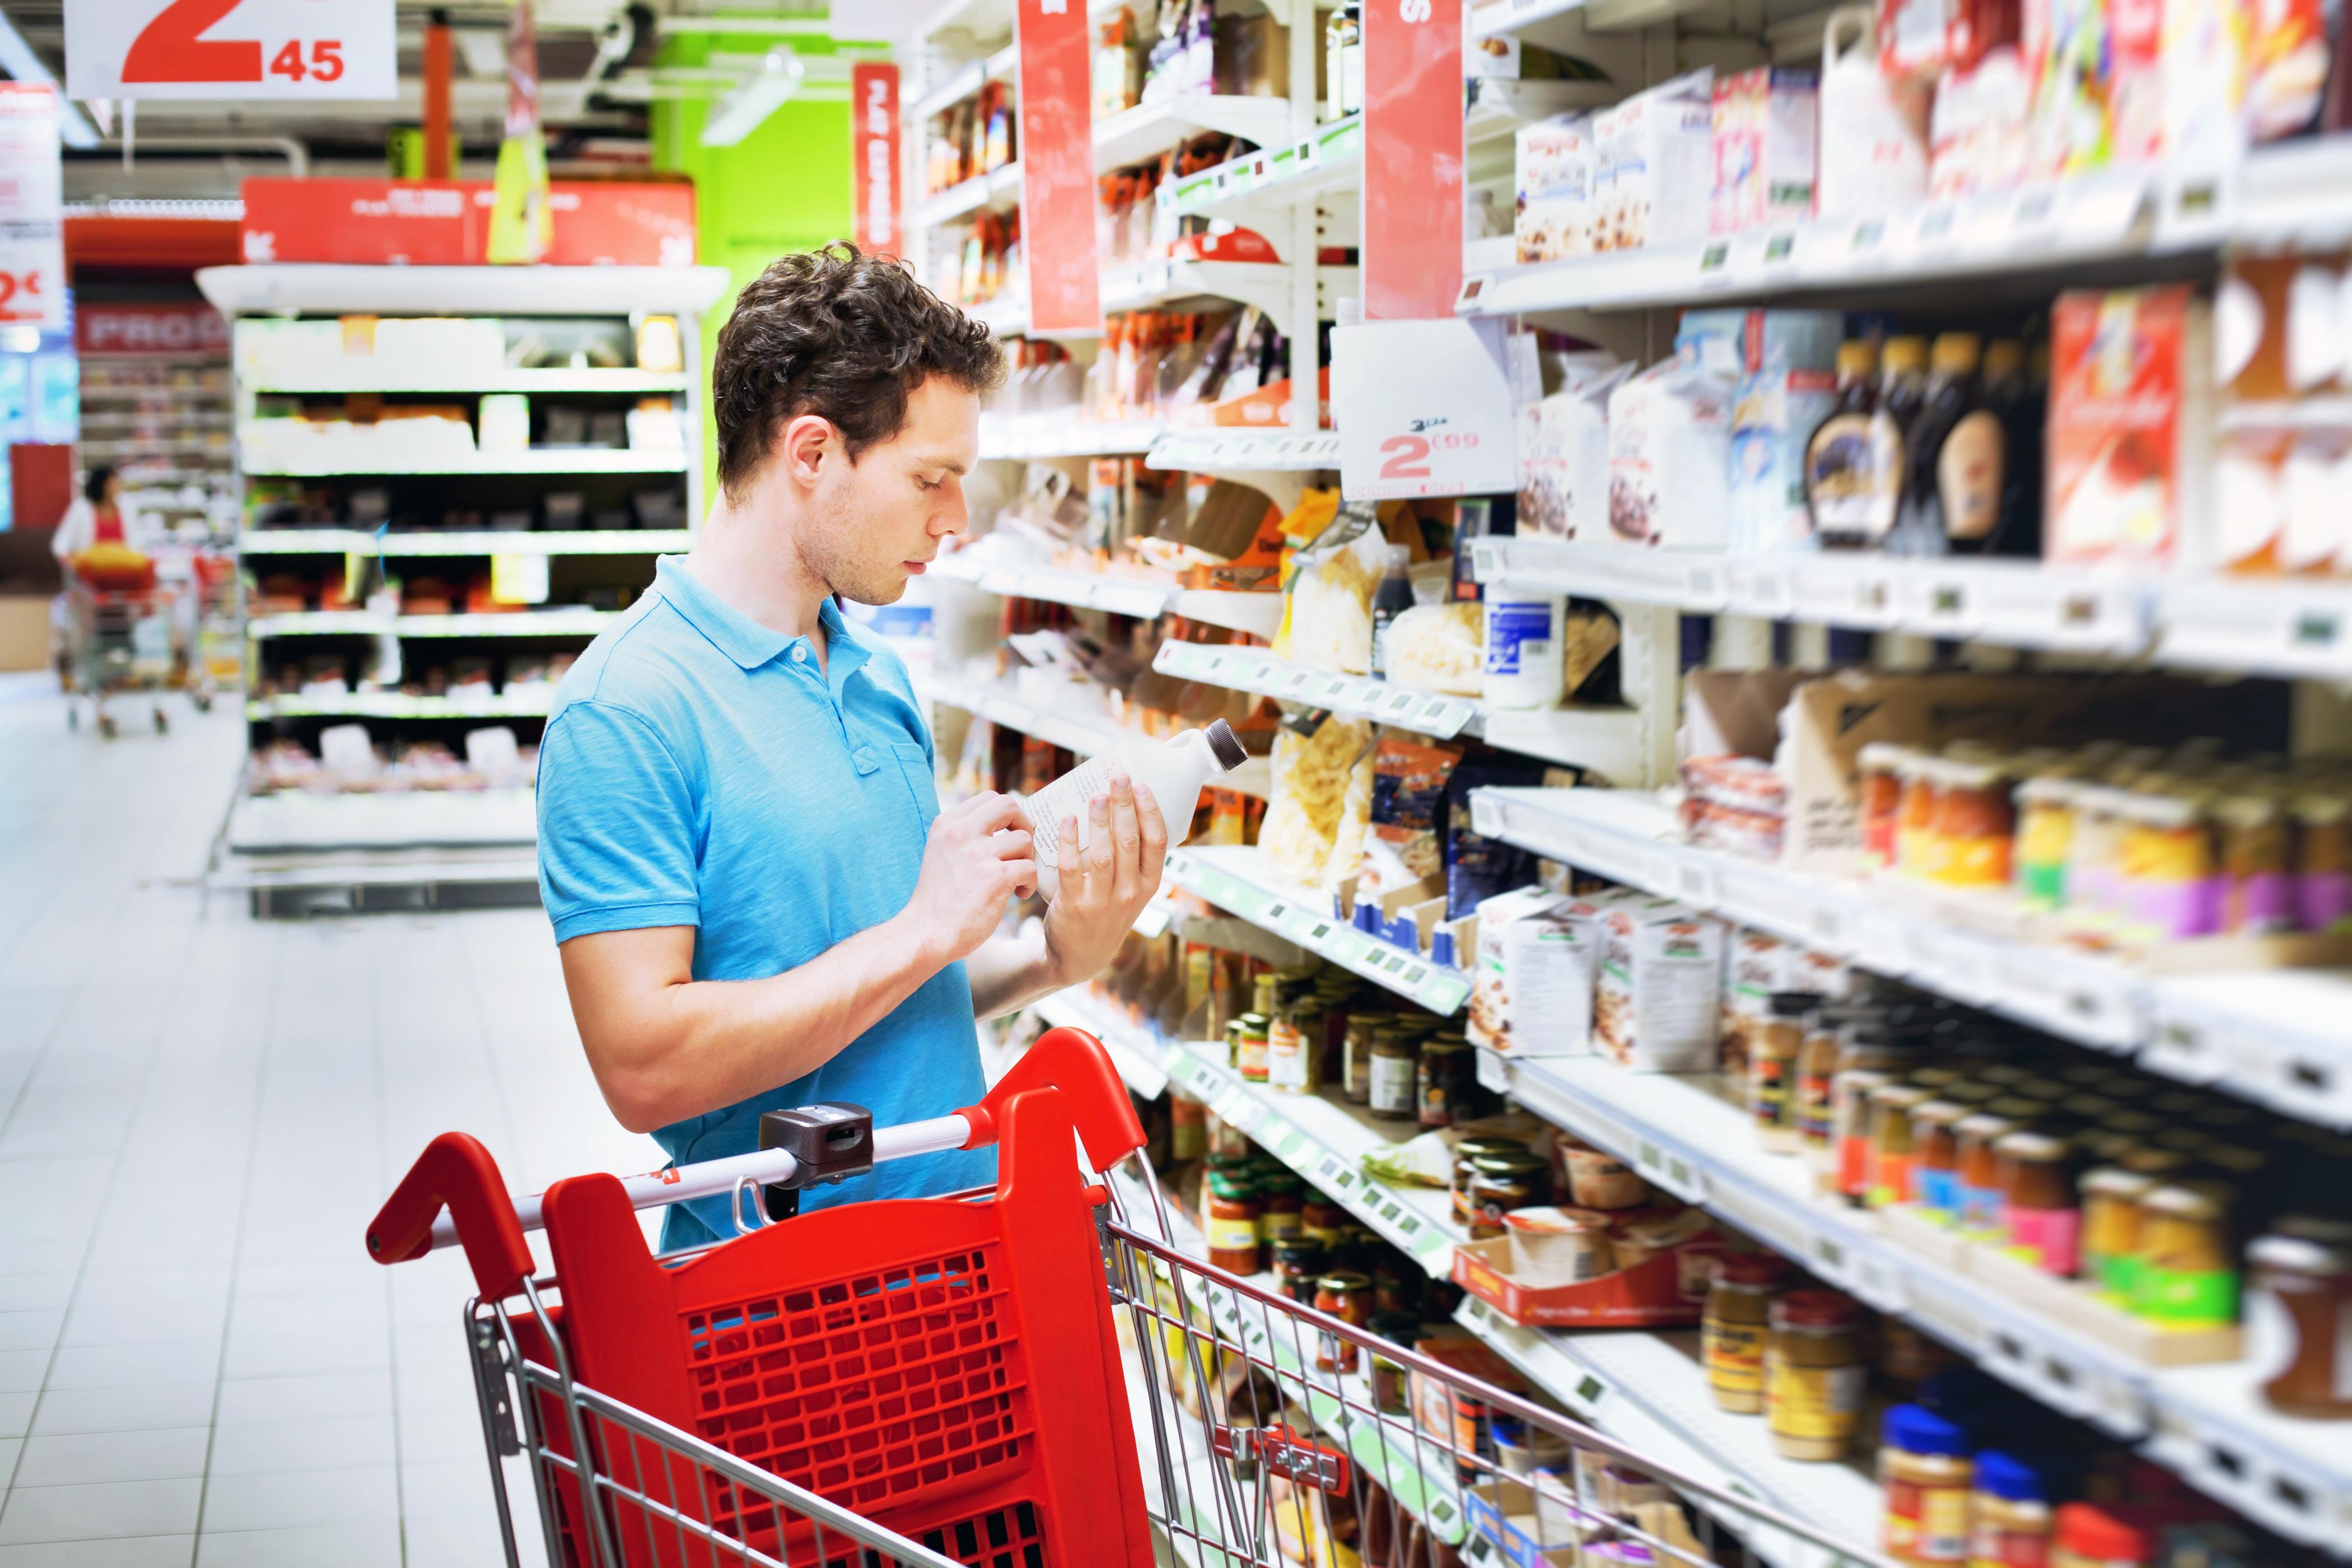 Como-afrontar-la-llegada-de-supermercados-de-cadena-al-barrio